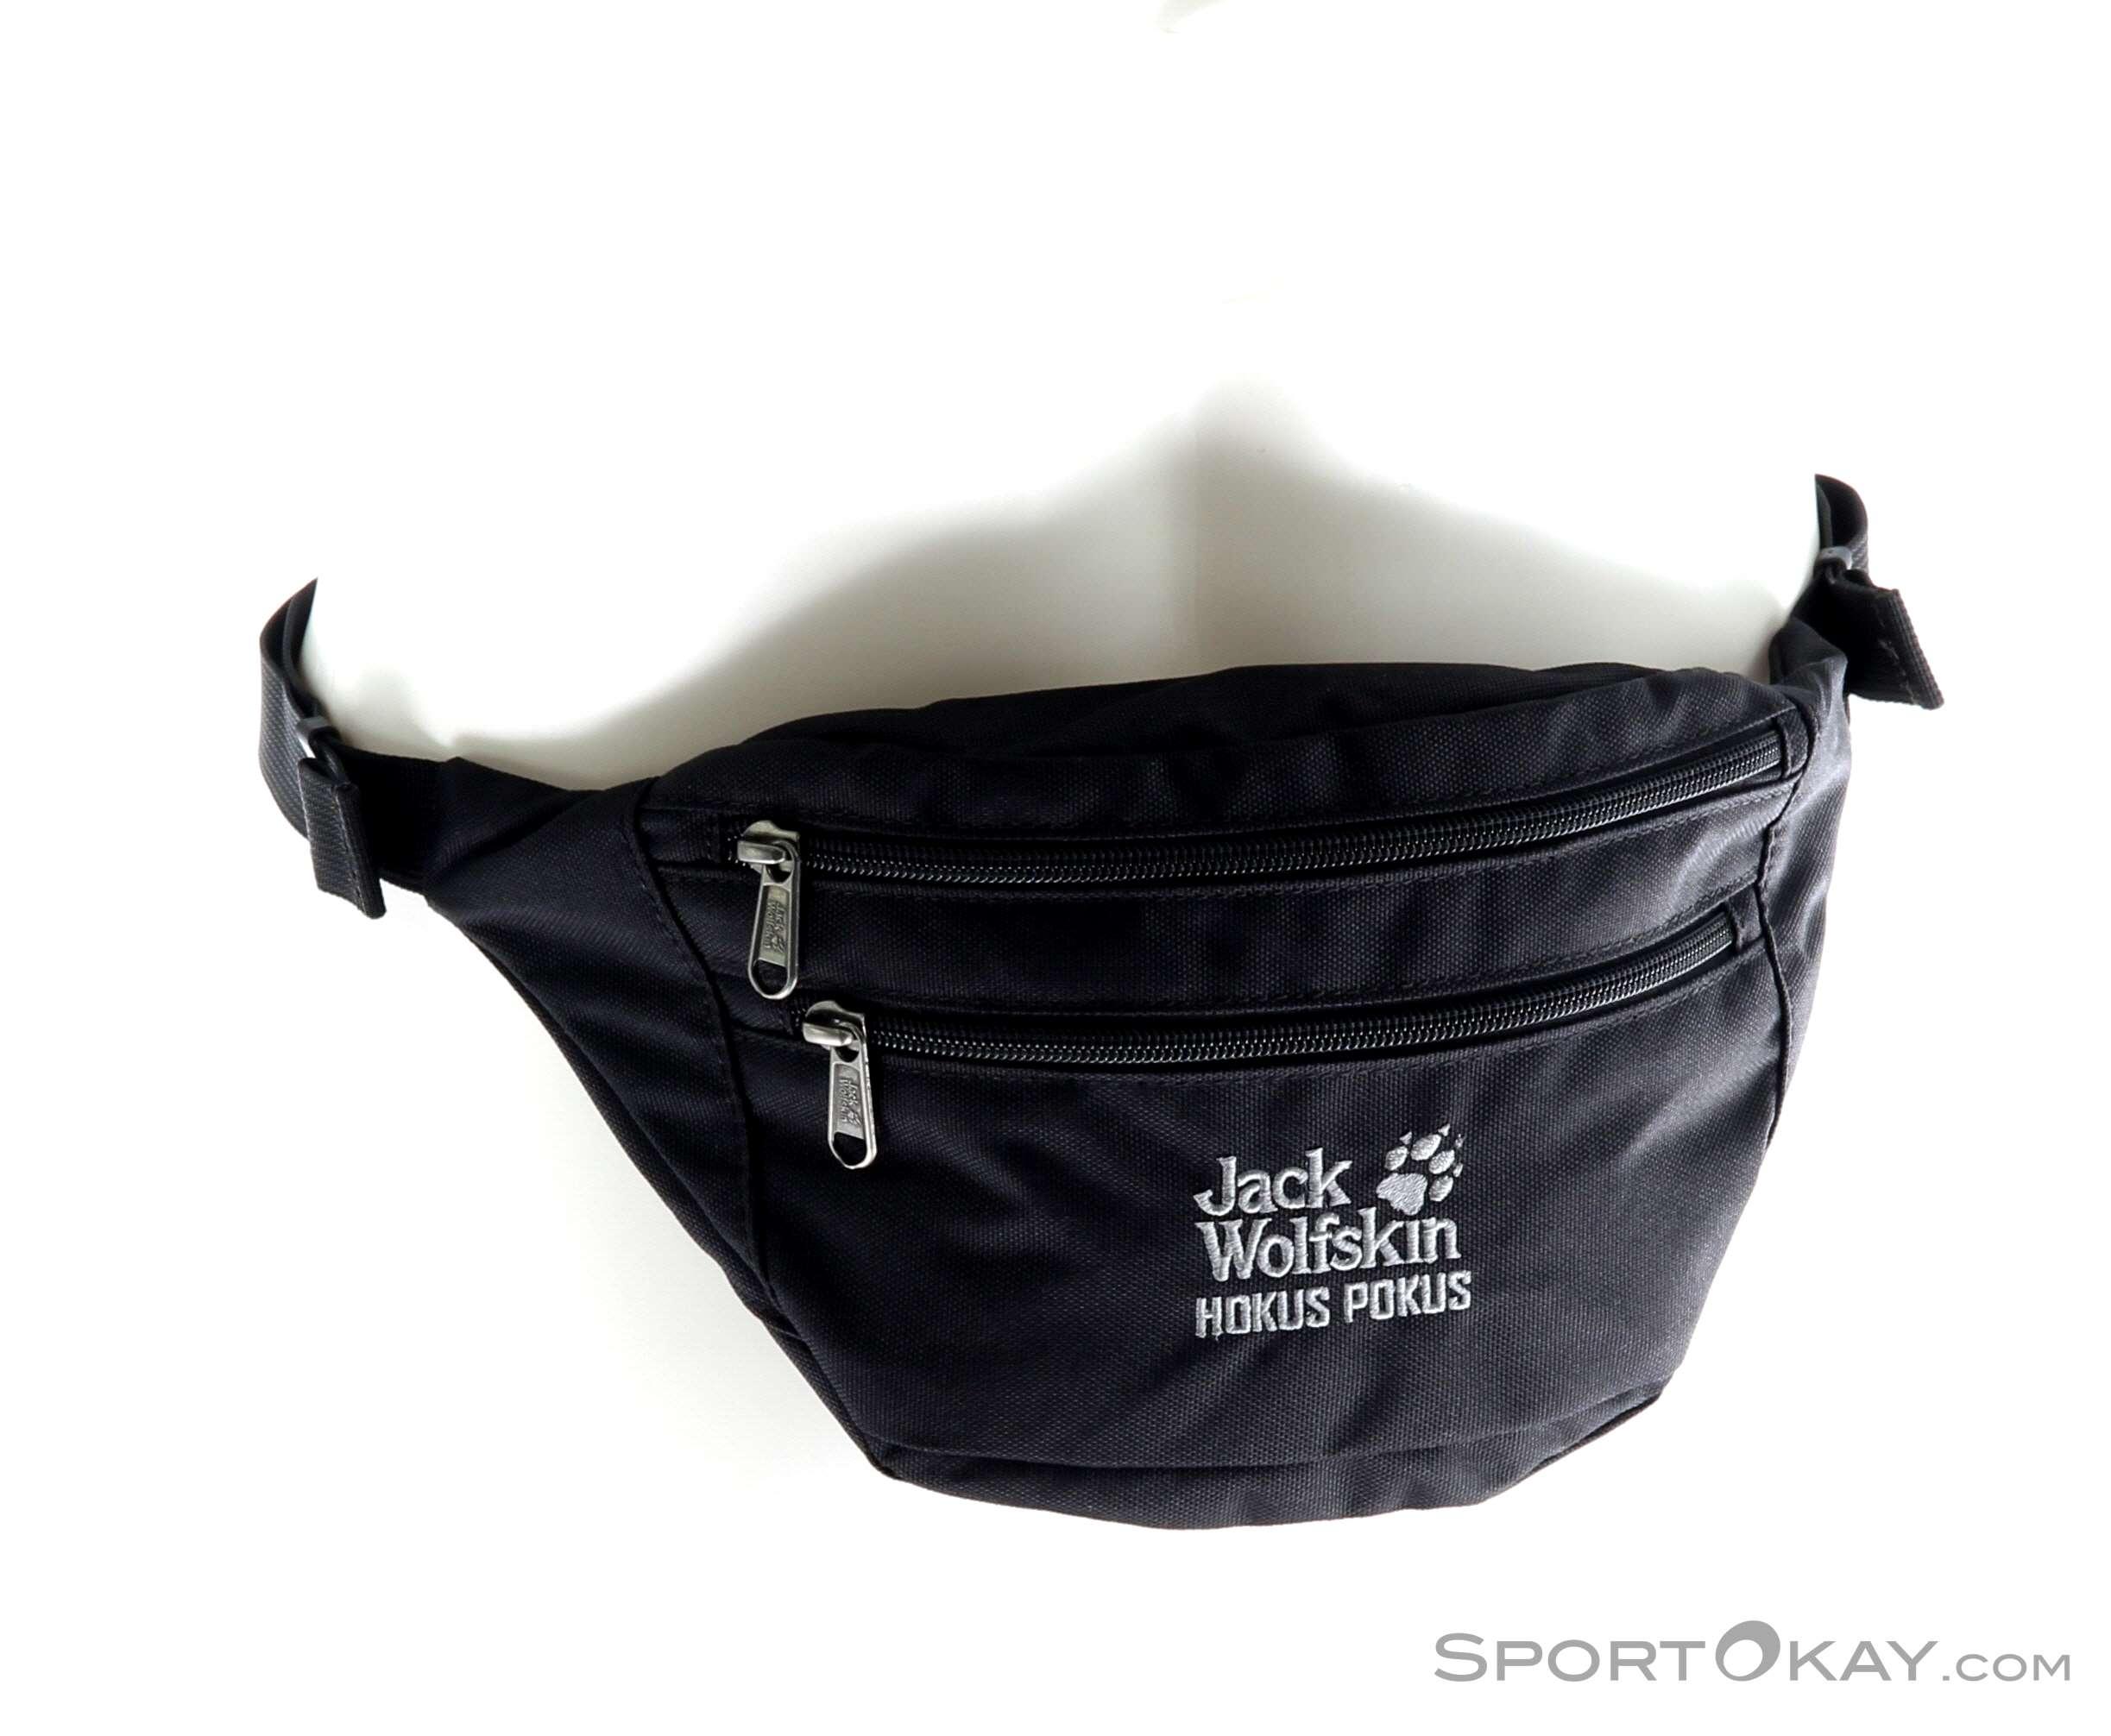 Klettergurt Camp Topaz Plus : Jack wolfskin hokus pokus hüfttasche taschen freizeittaschen